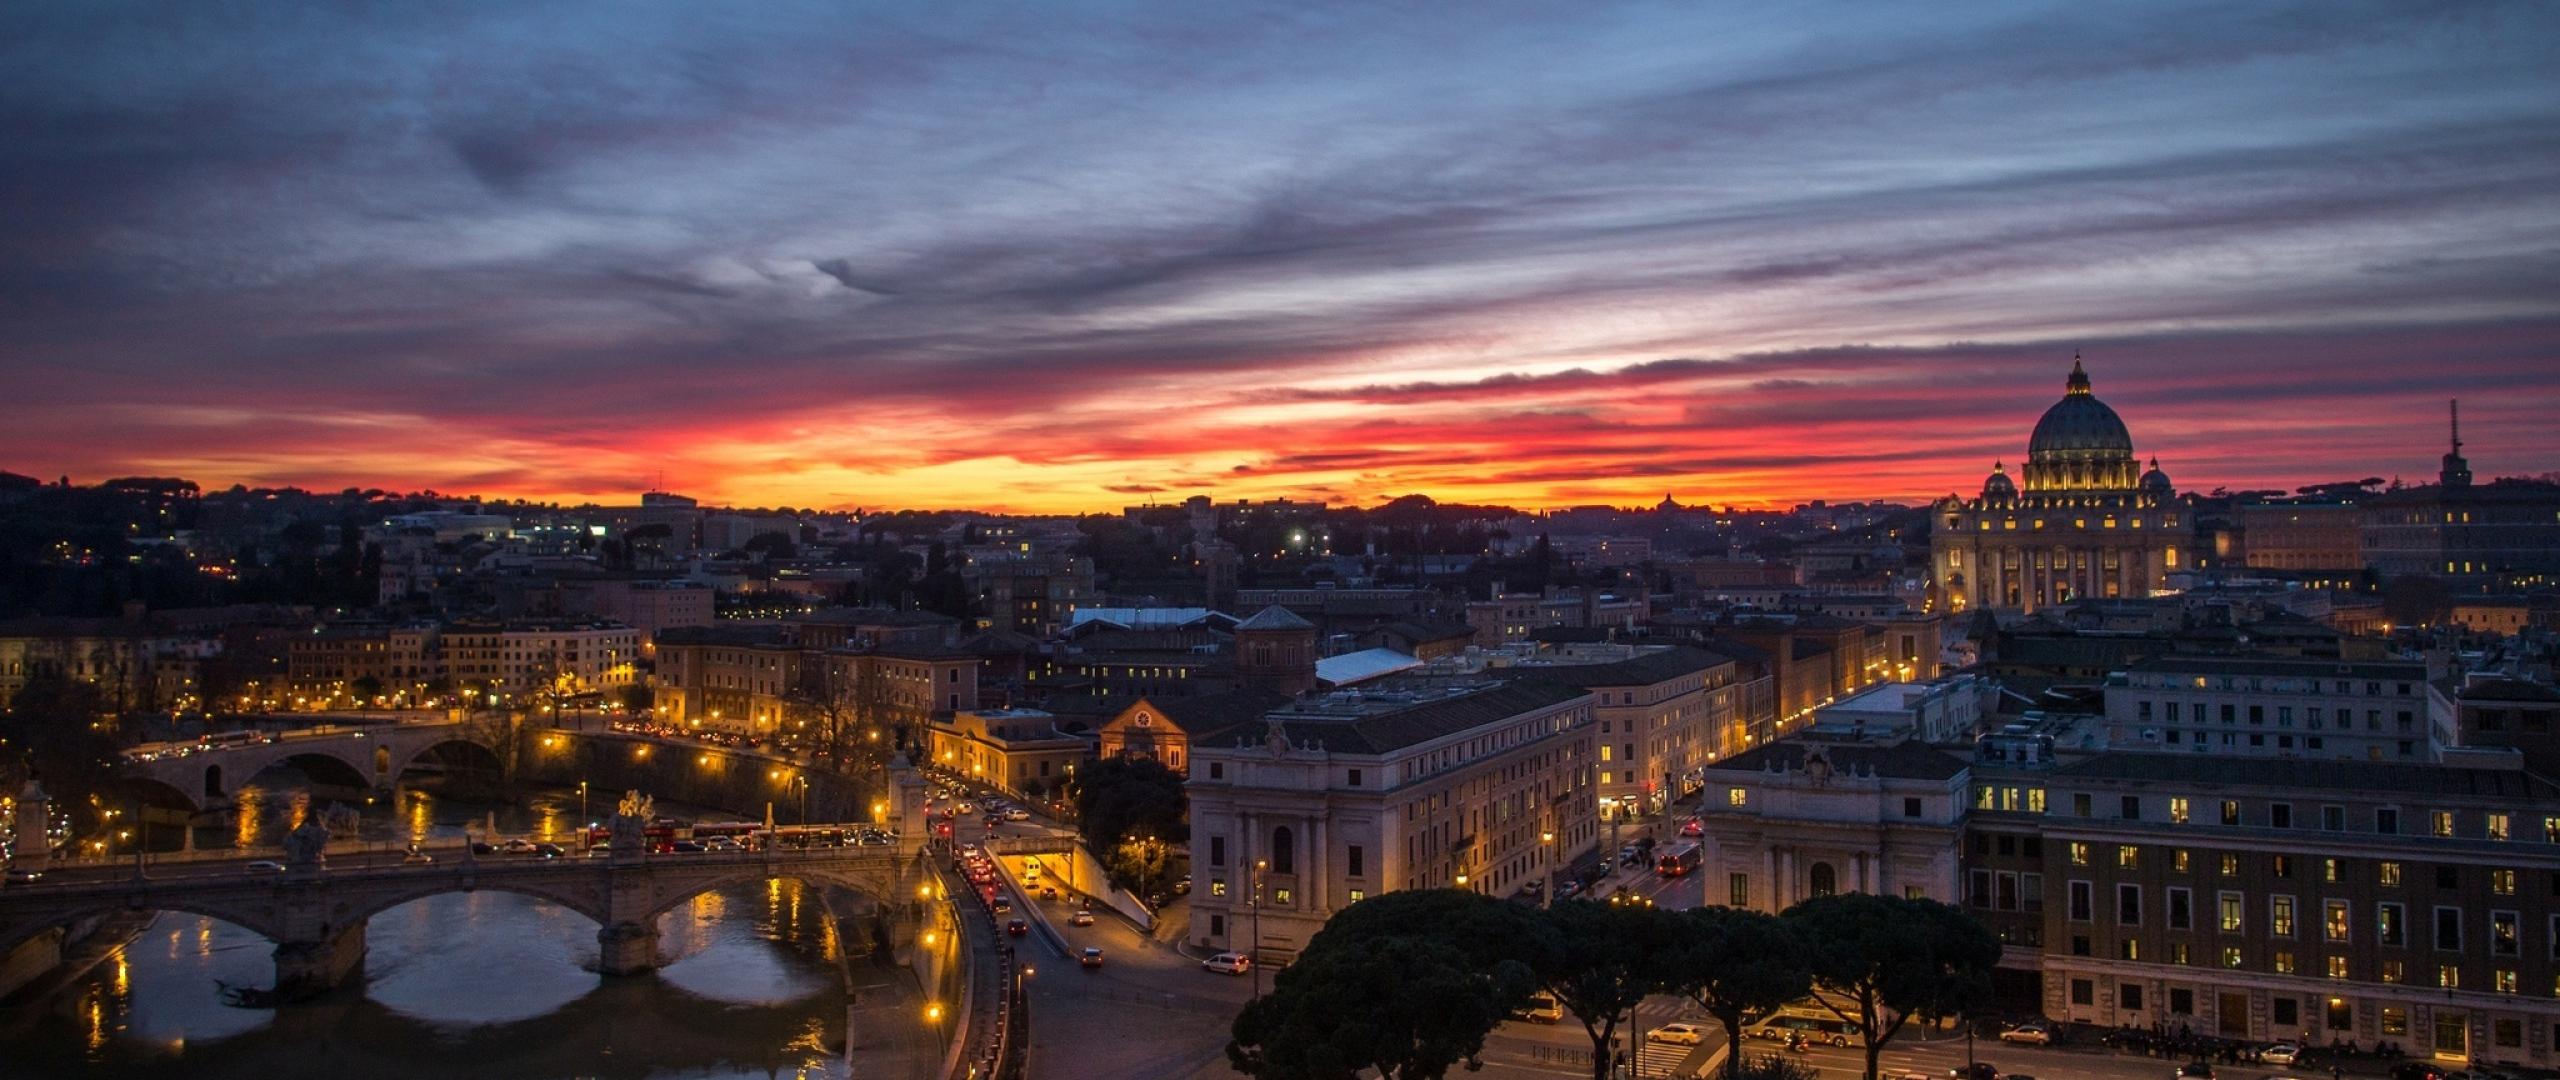 2560x1080 Wallpaper rome italy vatican city citta della stato 2560x1080